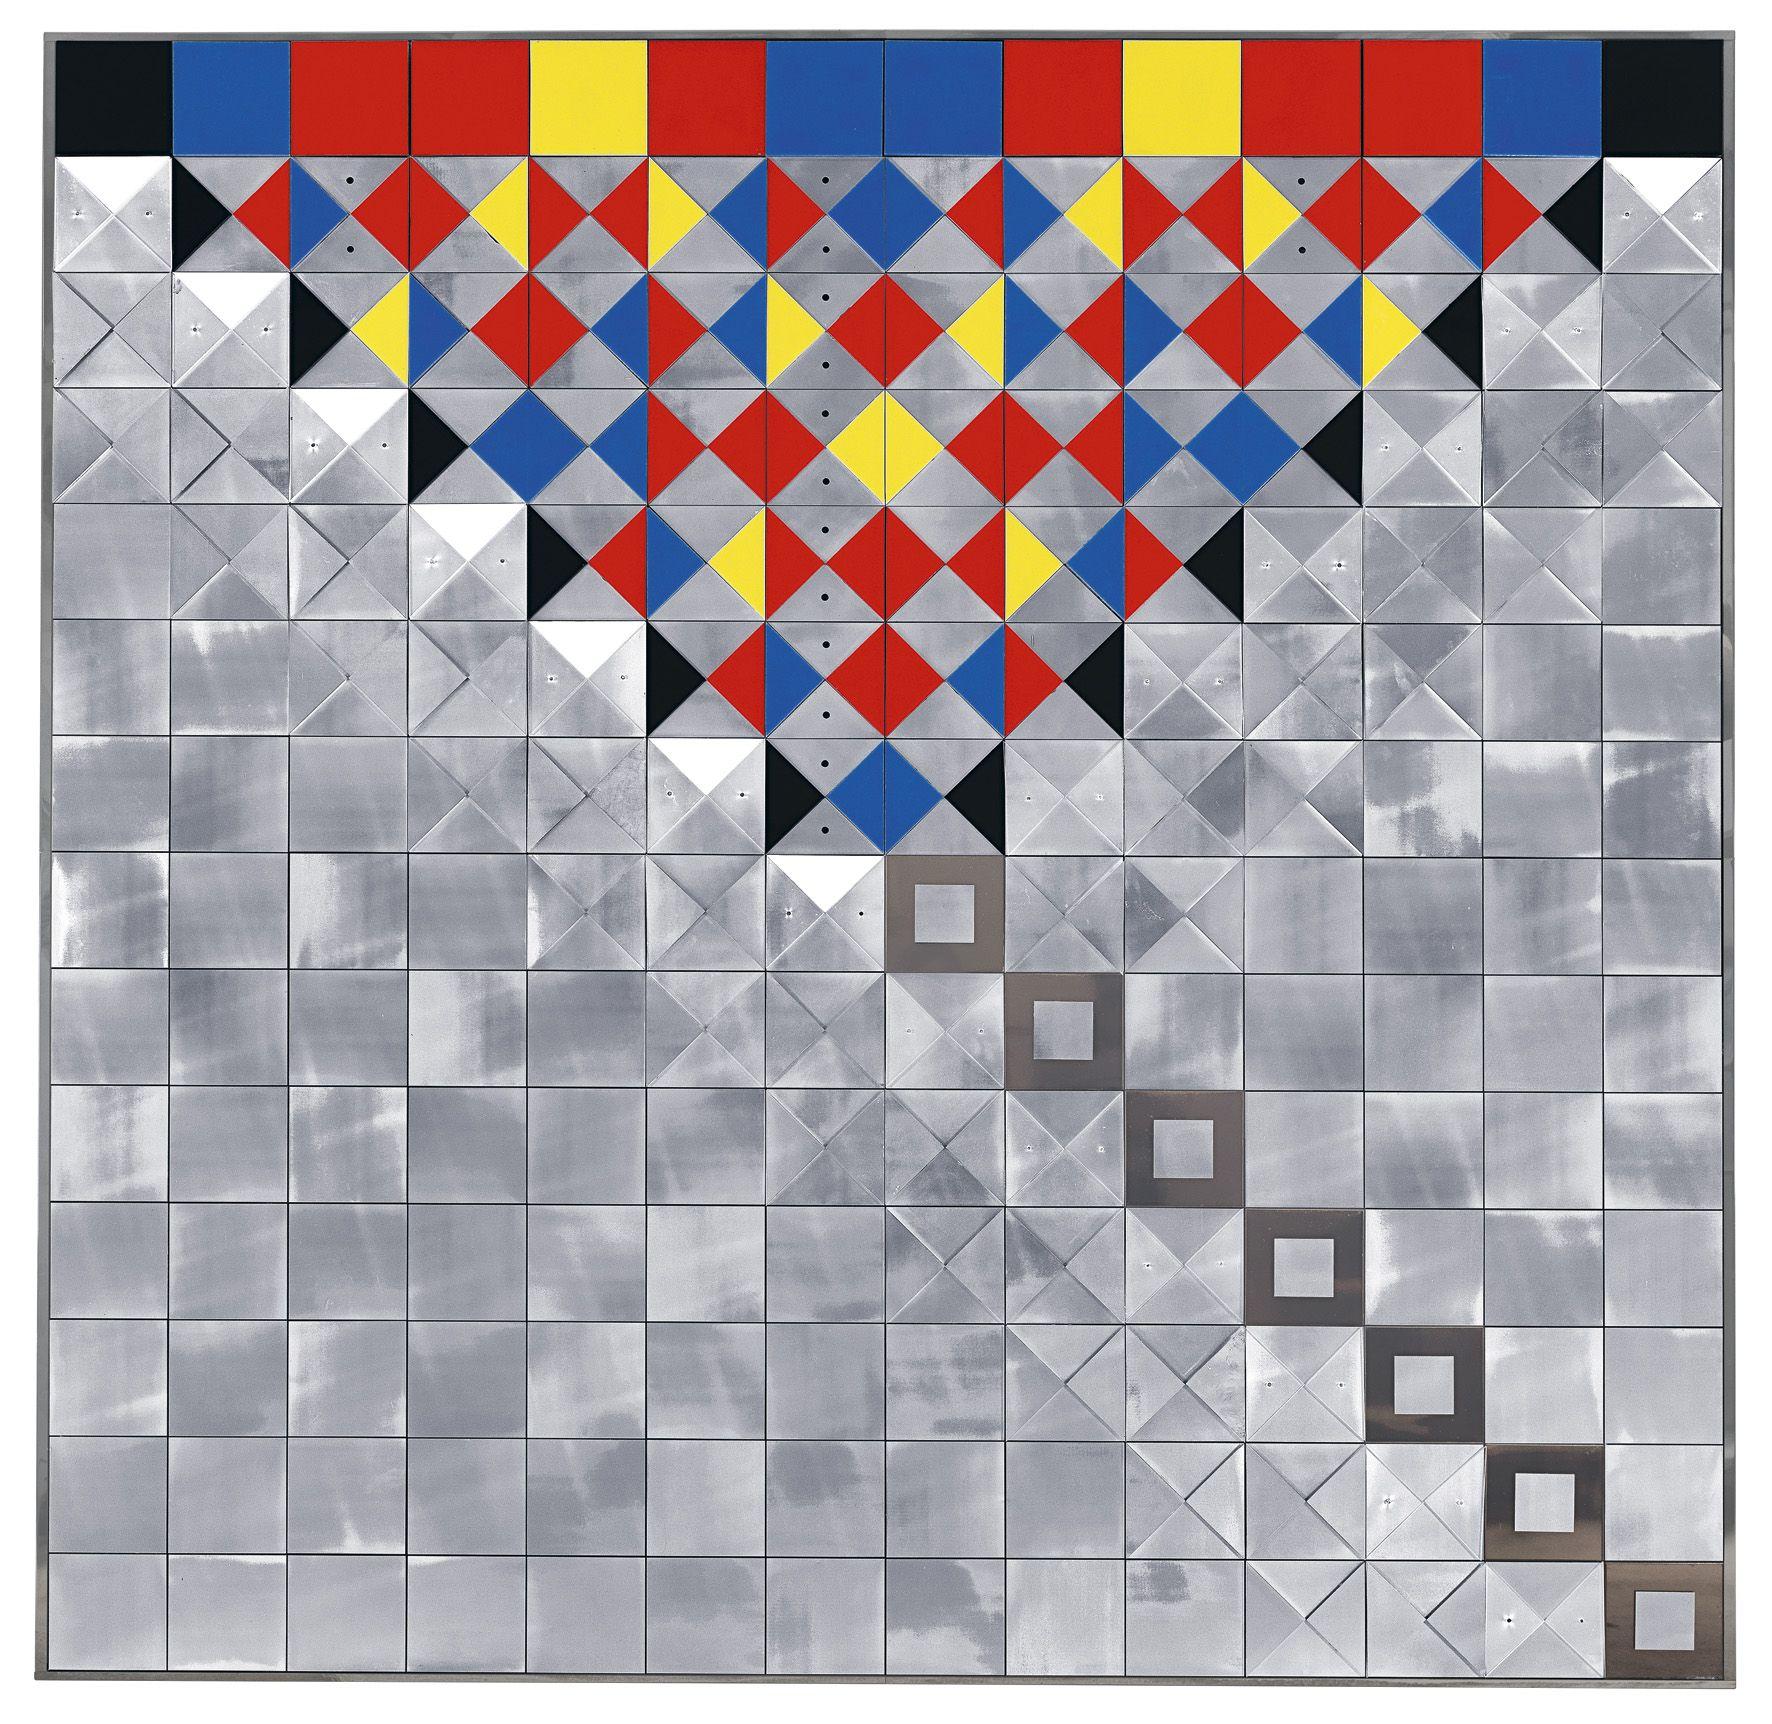 Heinz Mack Geb 1931 Relief Mit Farbigem Plexiglas 1971 Aluminium Farbiges Und Farbloses Plexiglas Nagel Auf Auktion Zeitgenossische Kunst Moderne Kunst